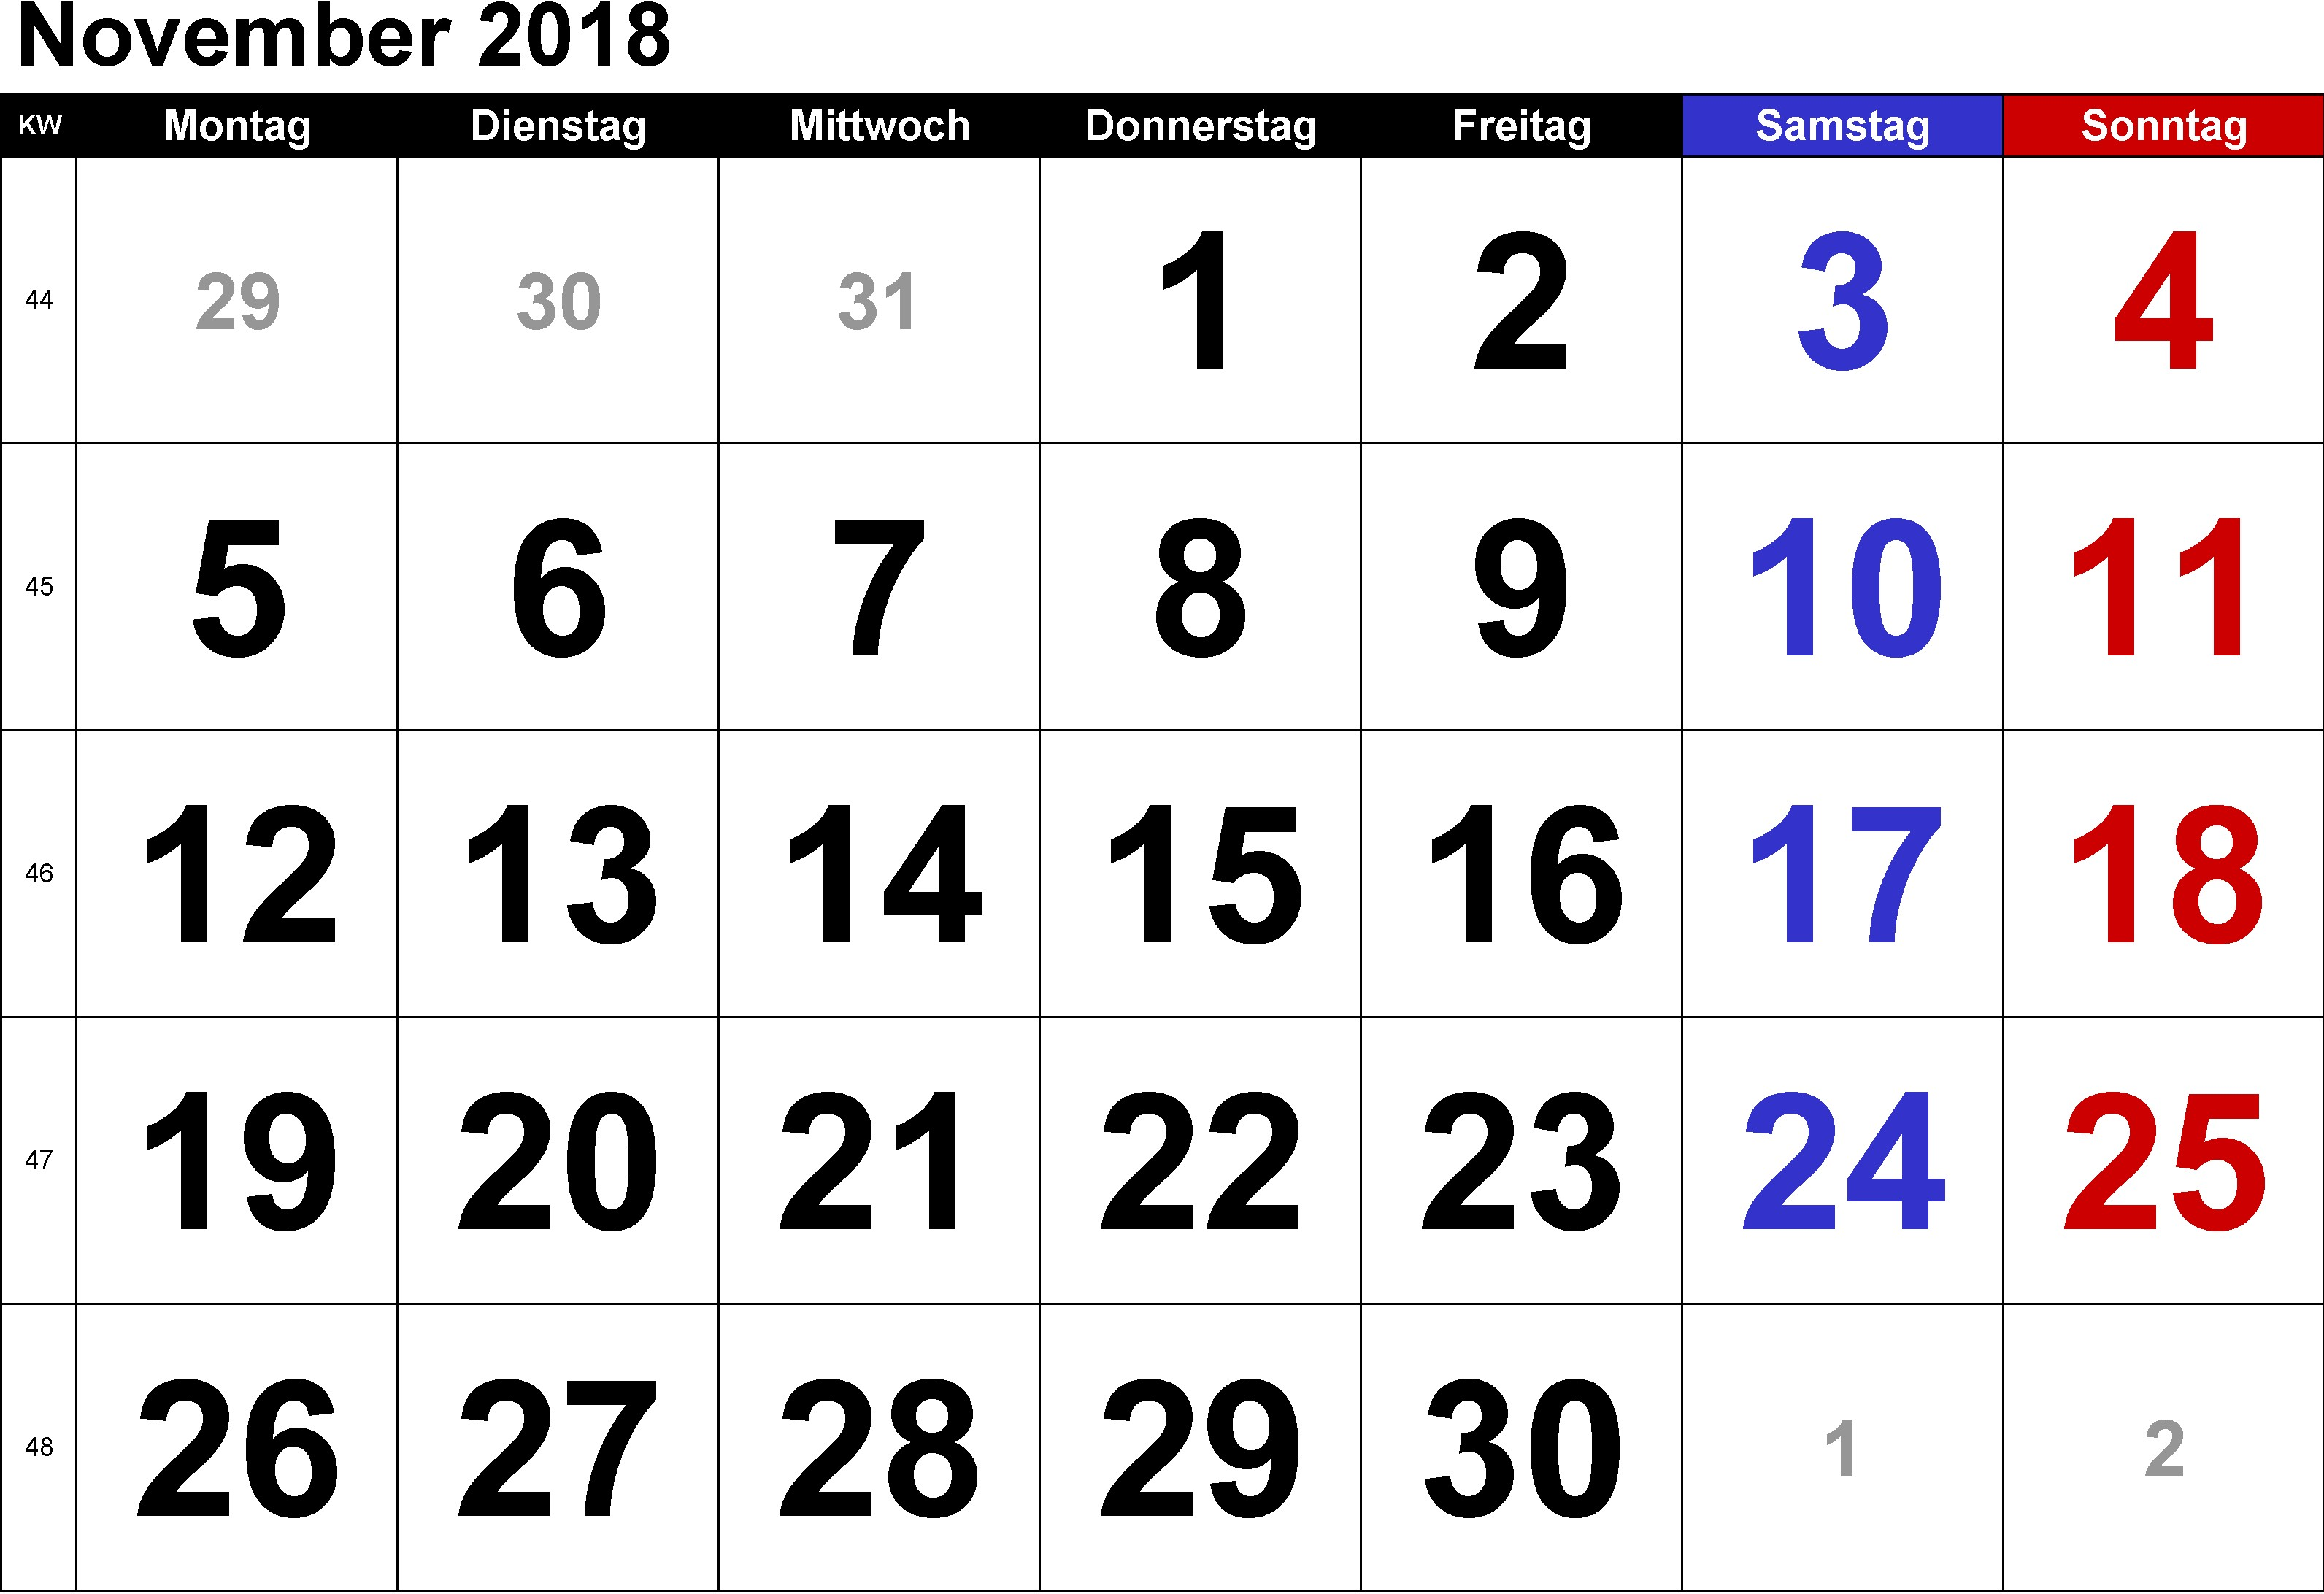 Calendario Noviembre 2017 Imprimir Gratis Mejores Y Más Novedosos Kalender Jawa November 2018 Of Calendario Noviembre 2017 Imprimir Gratis Mejores Y Más Novedosos Calendario Noviembre 2018 Colombia